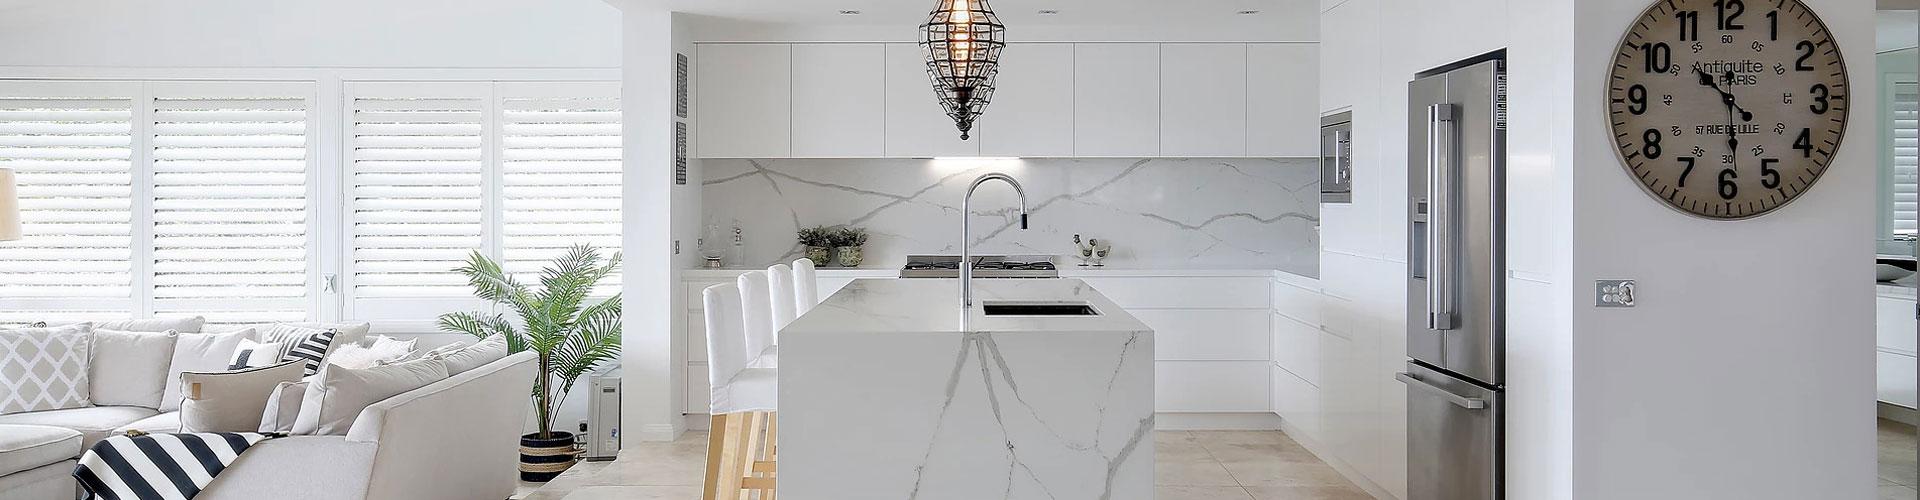 northern beaches kitchen design